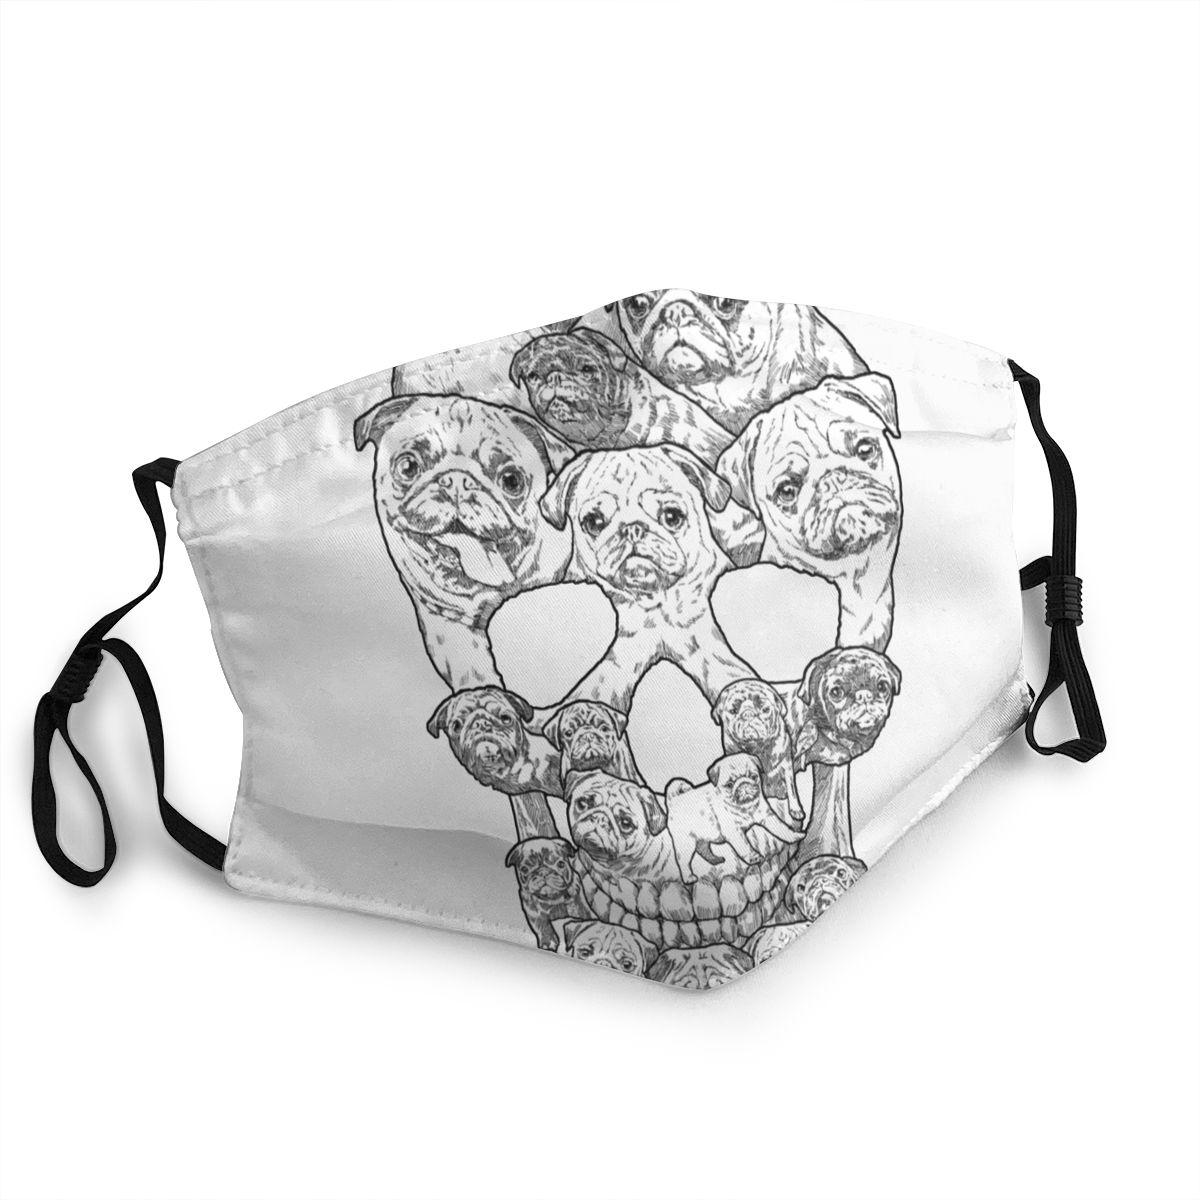 Máscara facial de cráneo de perro Pug lavable, máscara facial de moda a prueba de viento, a prueba de polvo, máscara respirador protectora de invierno para adultos 20 piezas PM2.5 de algodón unisex, mascarilla facial Anti-humo transpirable y lavable con mufla bucal para ciclismo